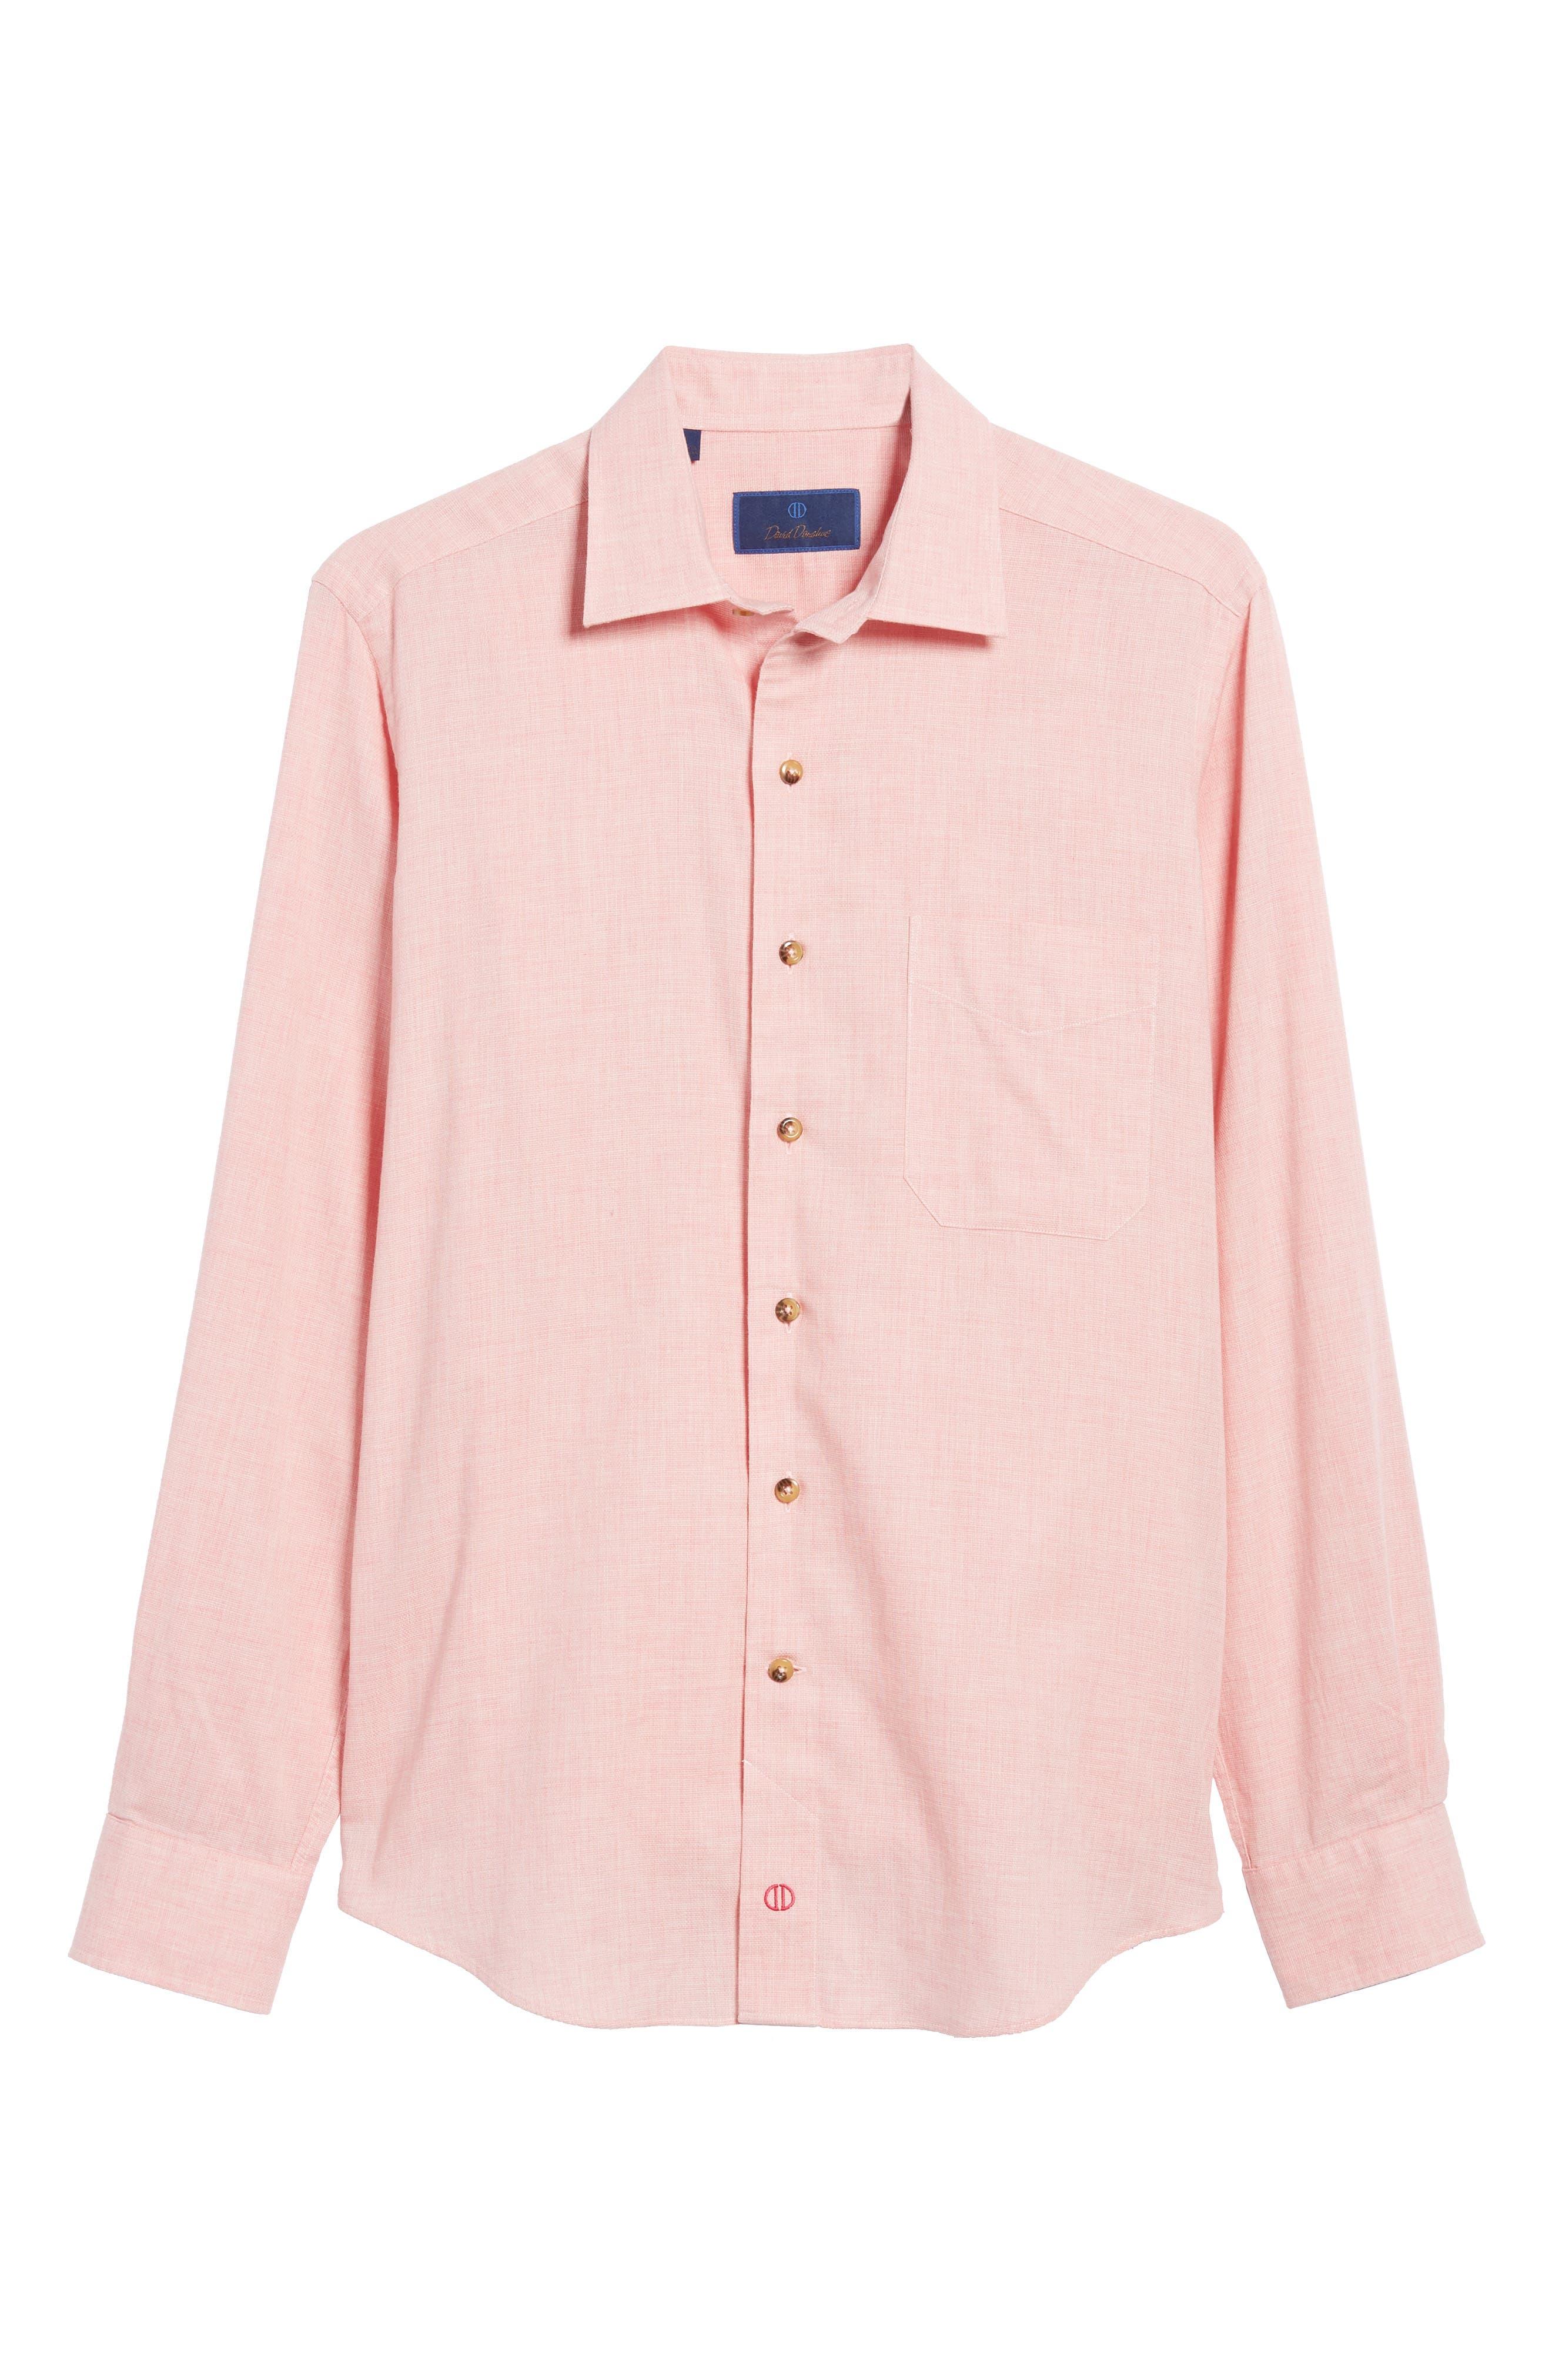 Regular Fit Garment Washed Mélange Sport Shirt,                             Alternate thumbnail 6, color,                             650